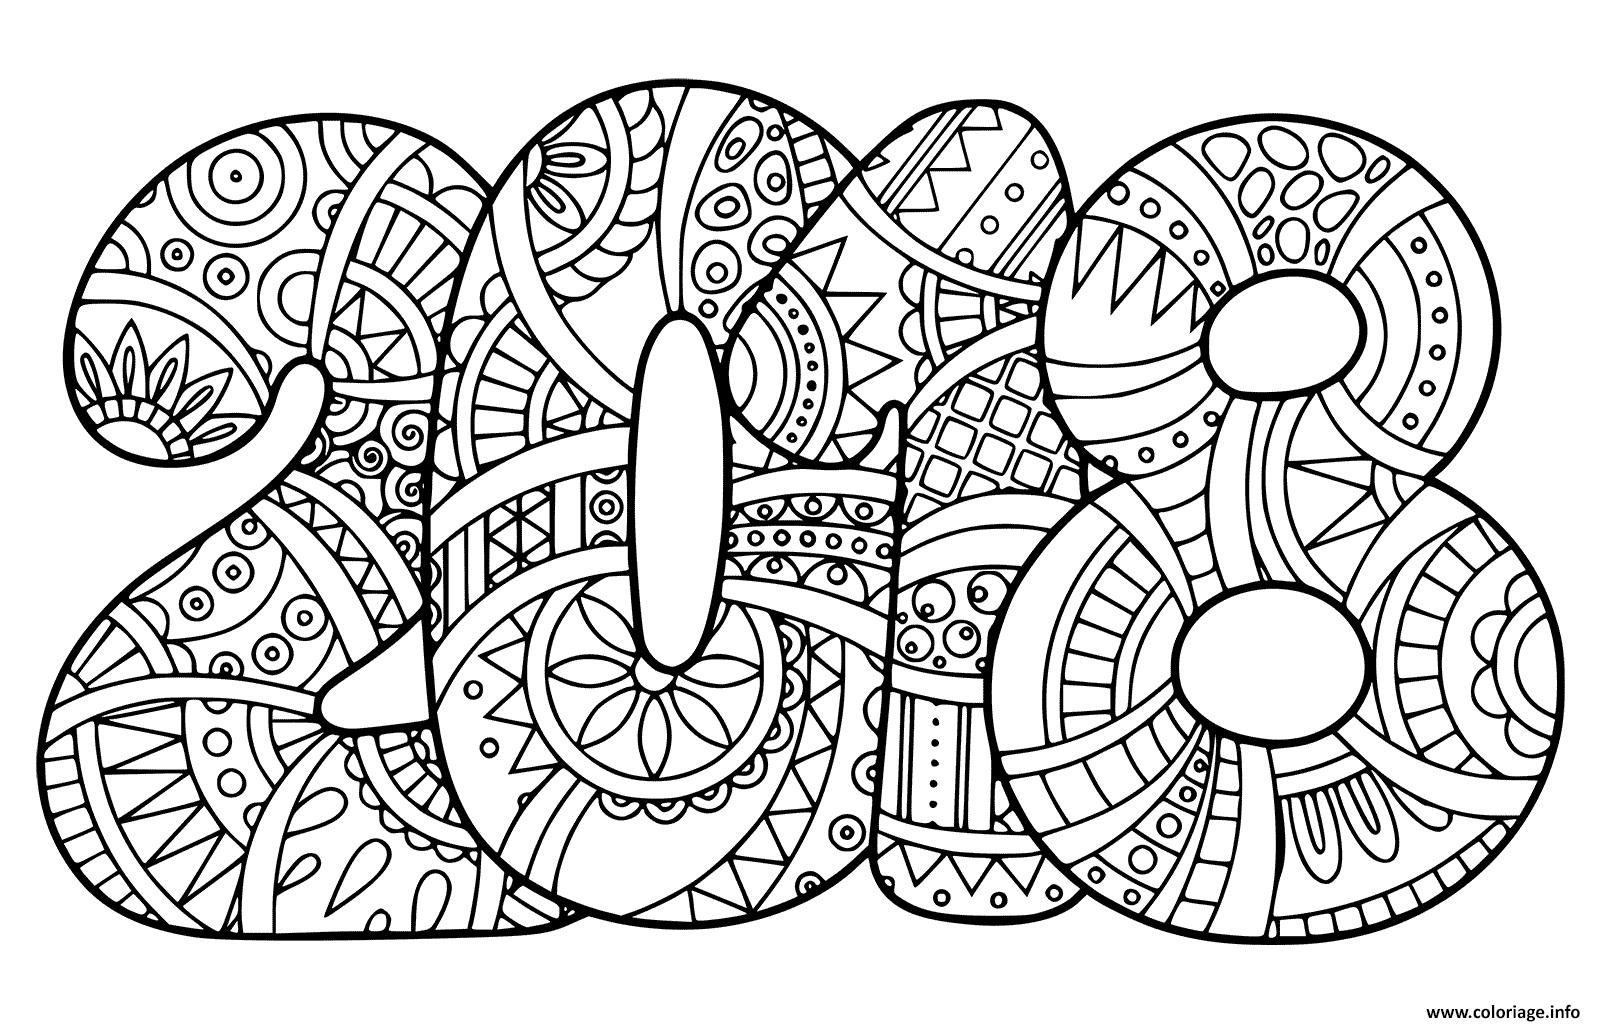 Coloriage nouvel an 2018 bonne annee dessin - Bonne annee coloriage ...